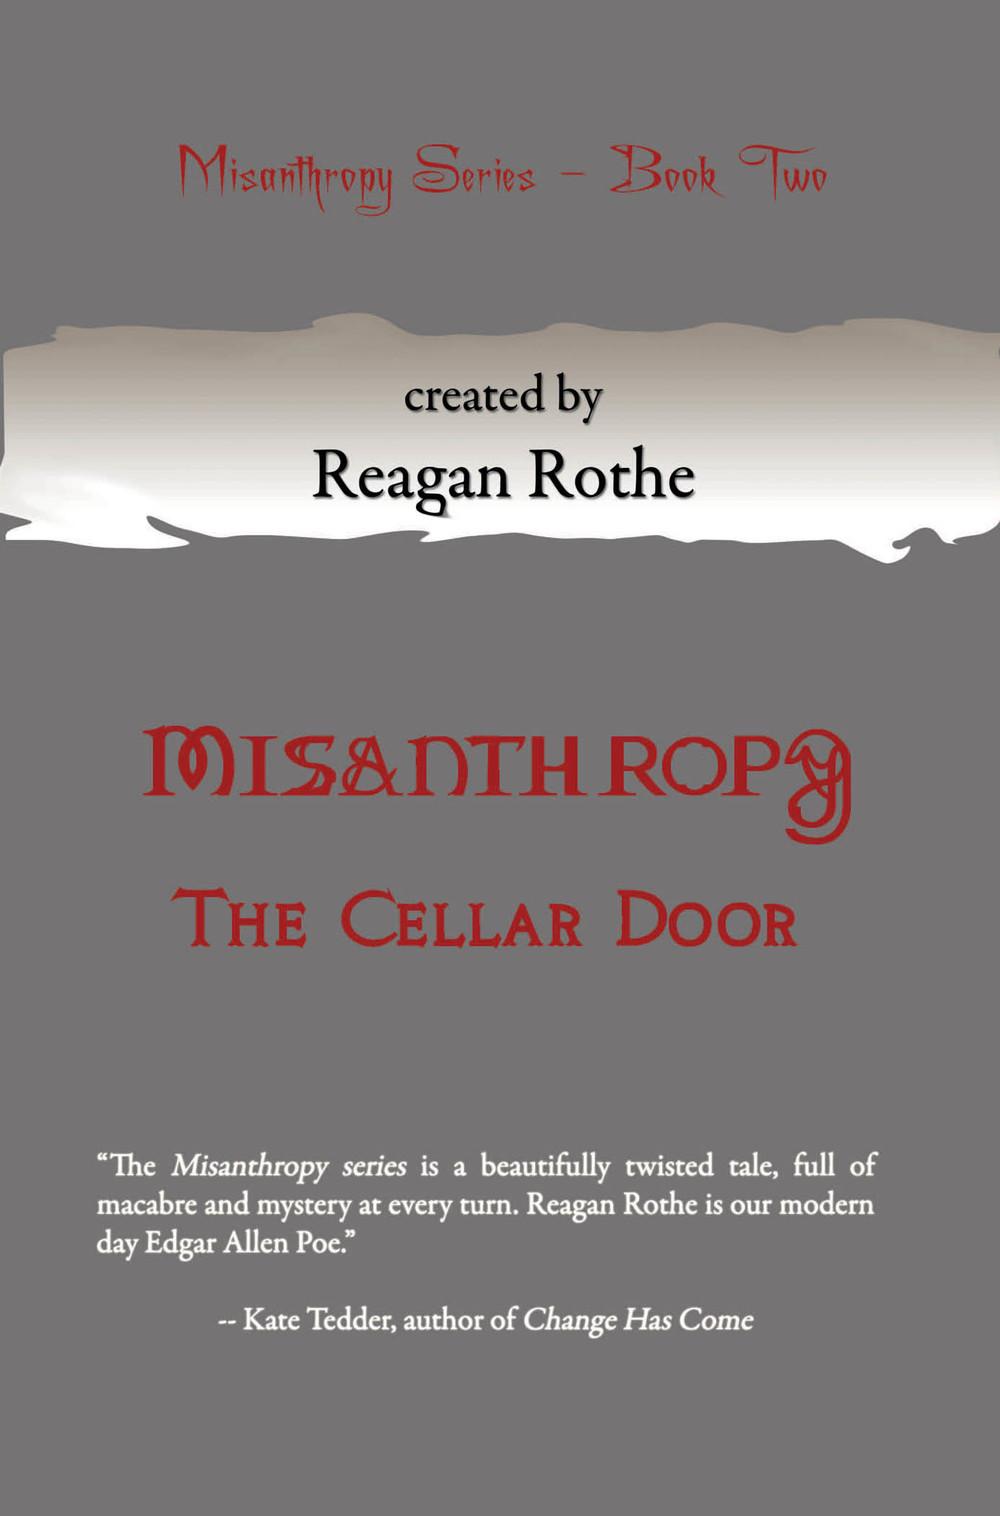 The Cellar Door eimage.jpg